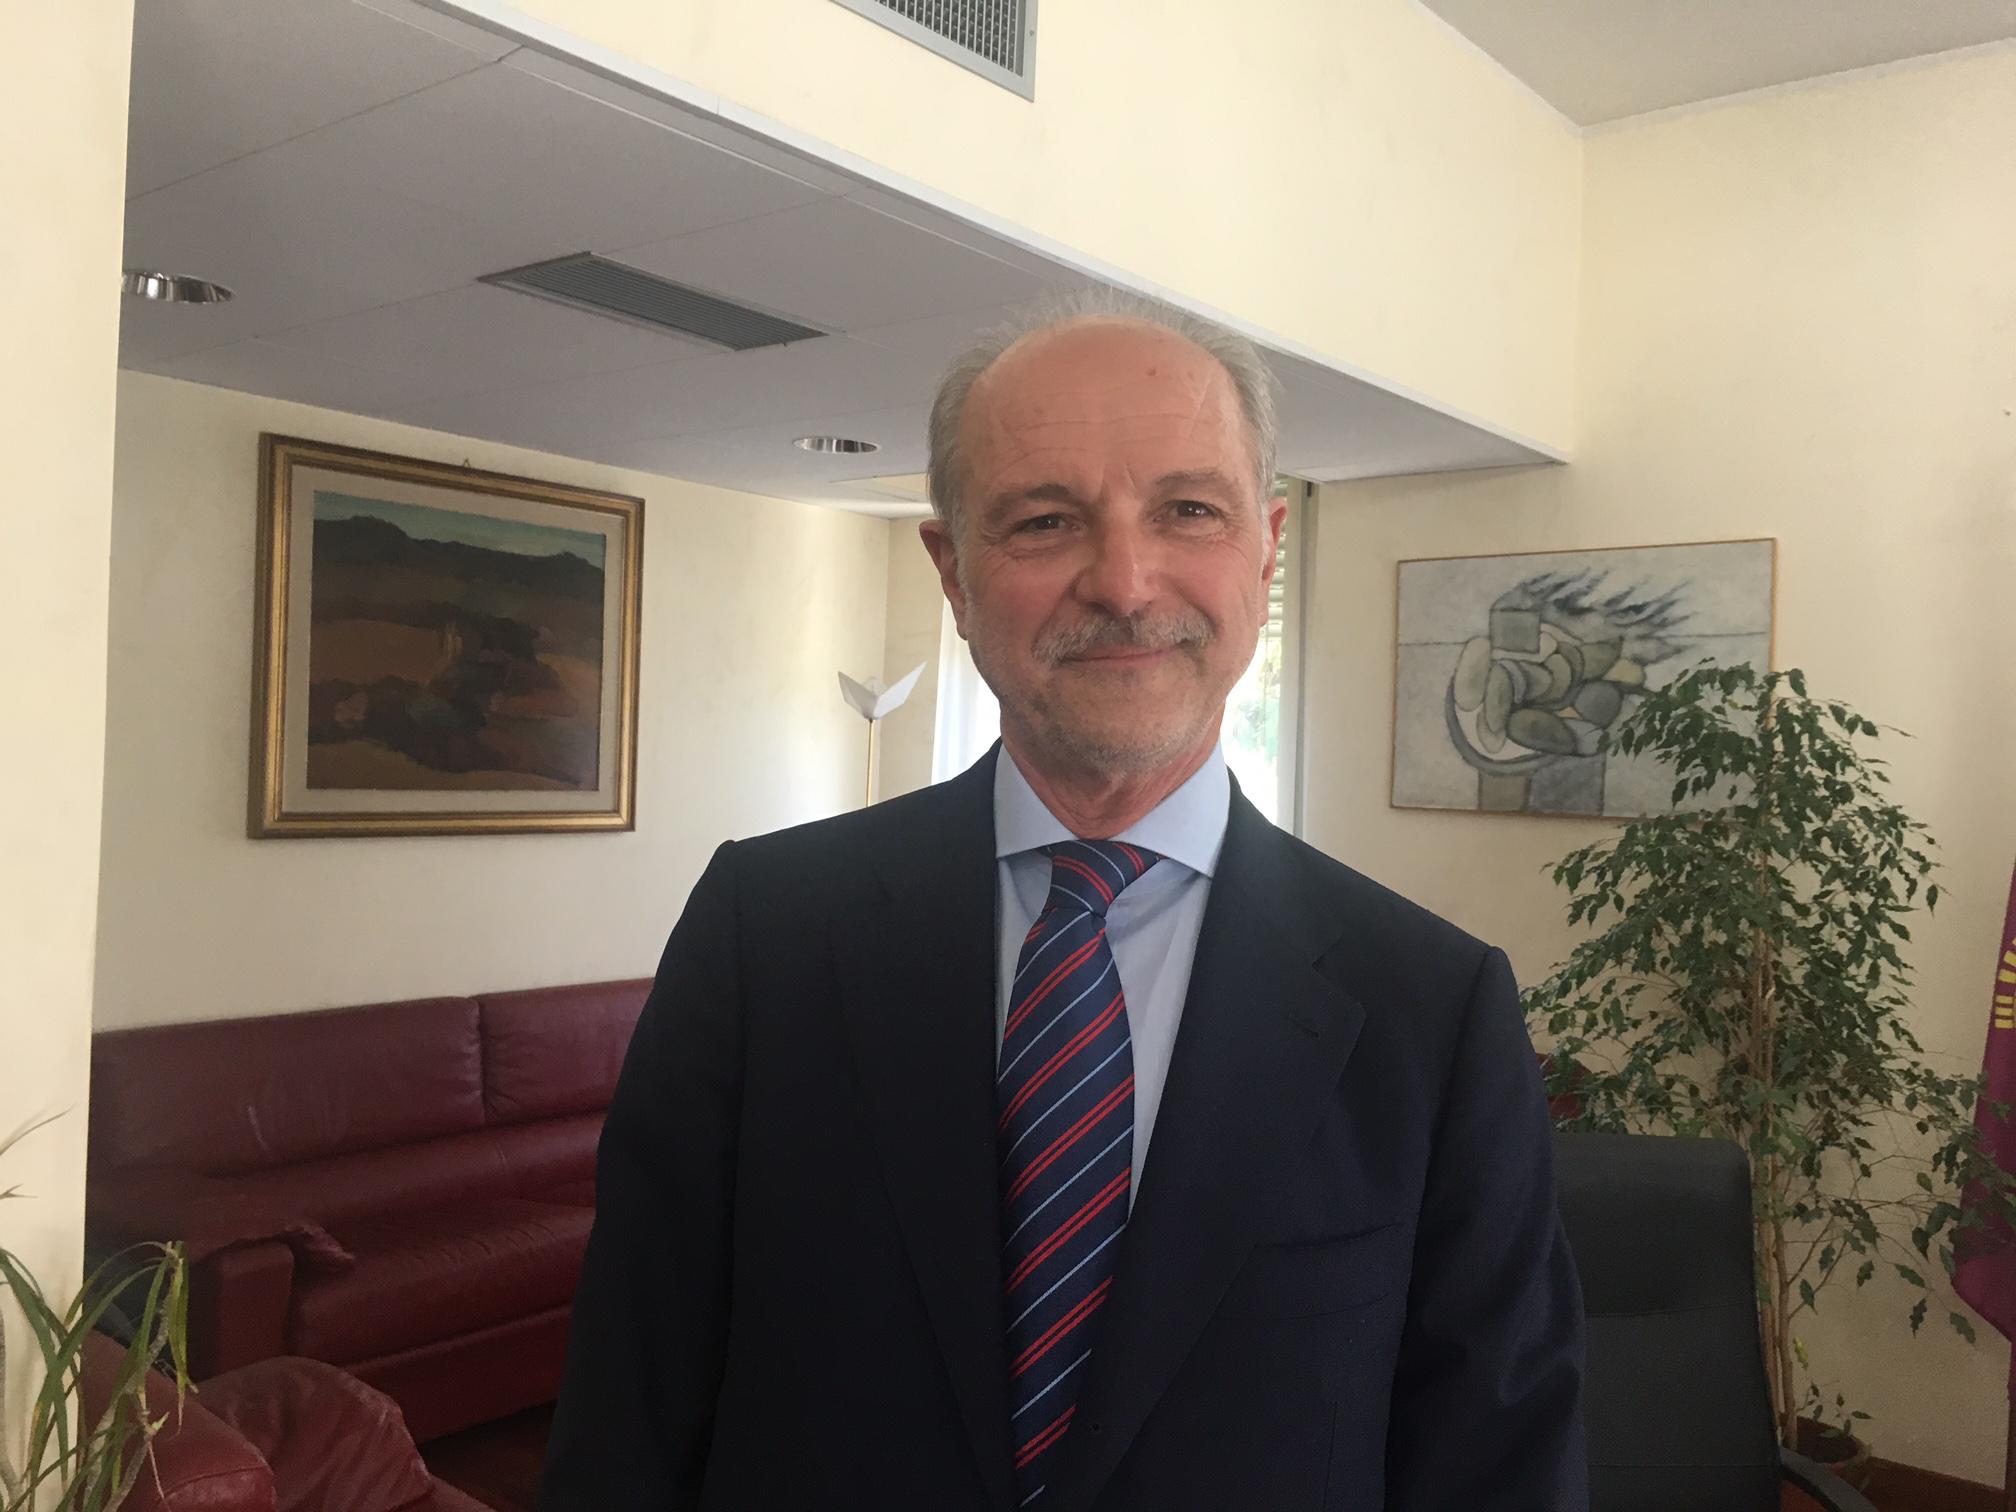 Questura Di Napoli Ufficio Stranieri Indirizzo: Milano permessi di ...